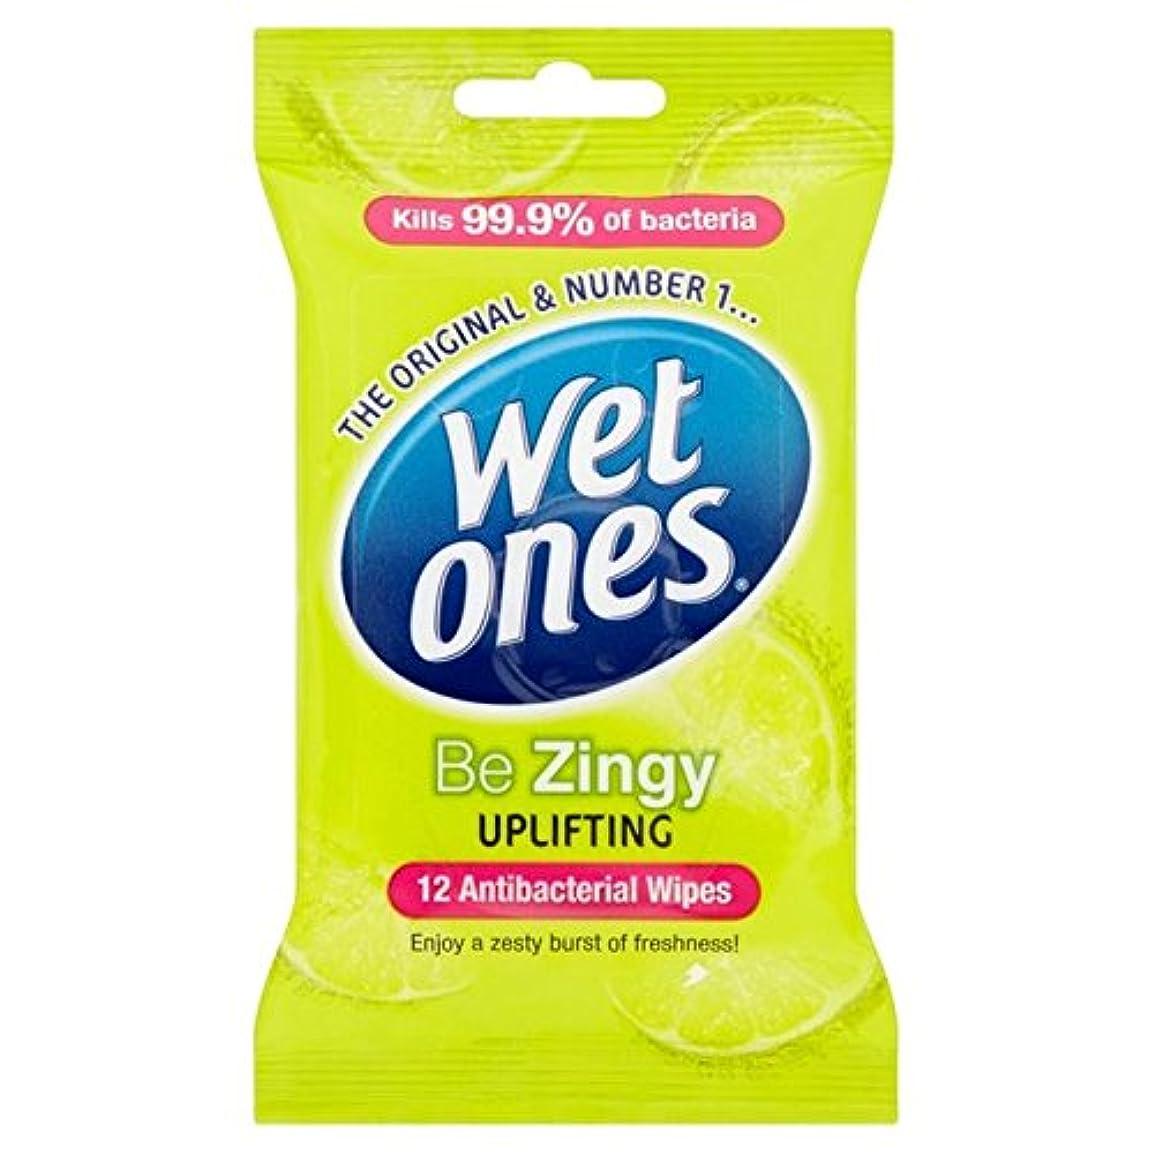 インサート幾何学に付ける抗バクテリアをクレンジング湿ったものはパックごとに12ワイプ x2 - Wet Ones Cleansing Anti Bacterial Wipes 12 per pack (Pack of 2) [並行輸入品]